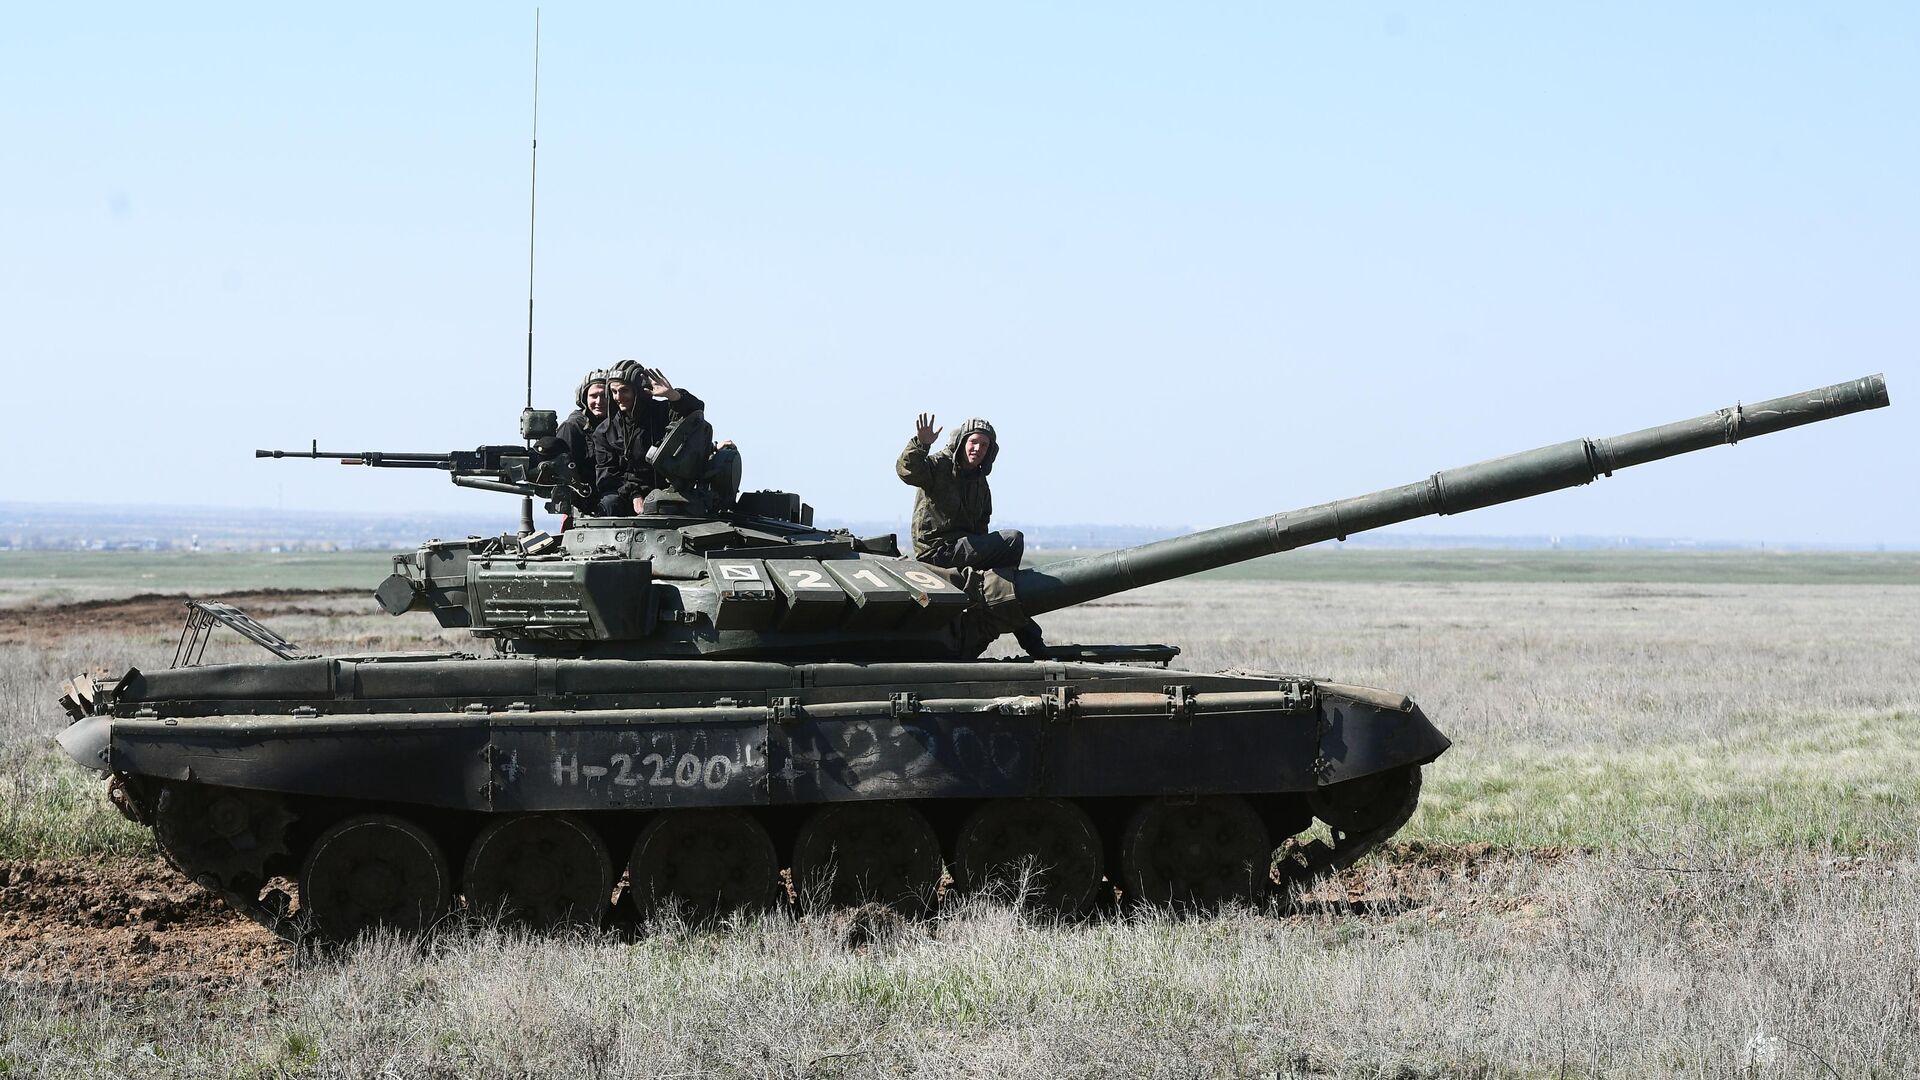 Экипаж танка Т-90 во время учений 8 общевойсковой армии в Волгоградской области - РИА Новости, 1920, 13.04.2021